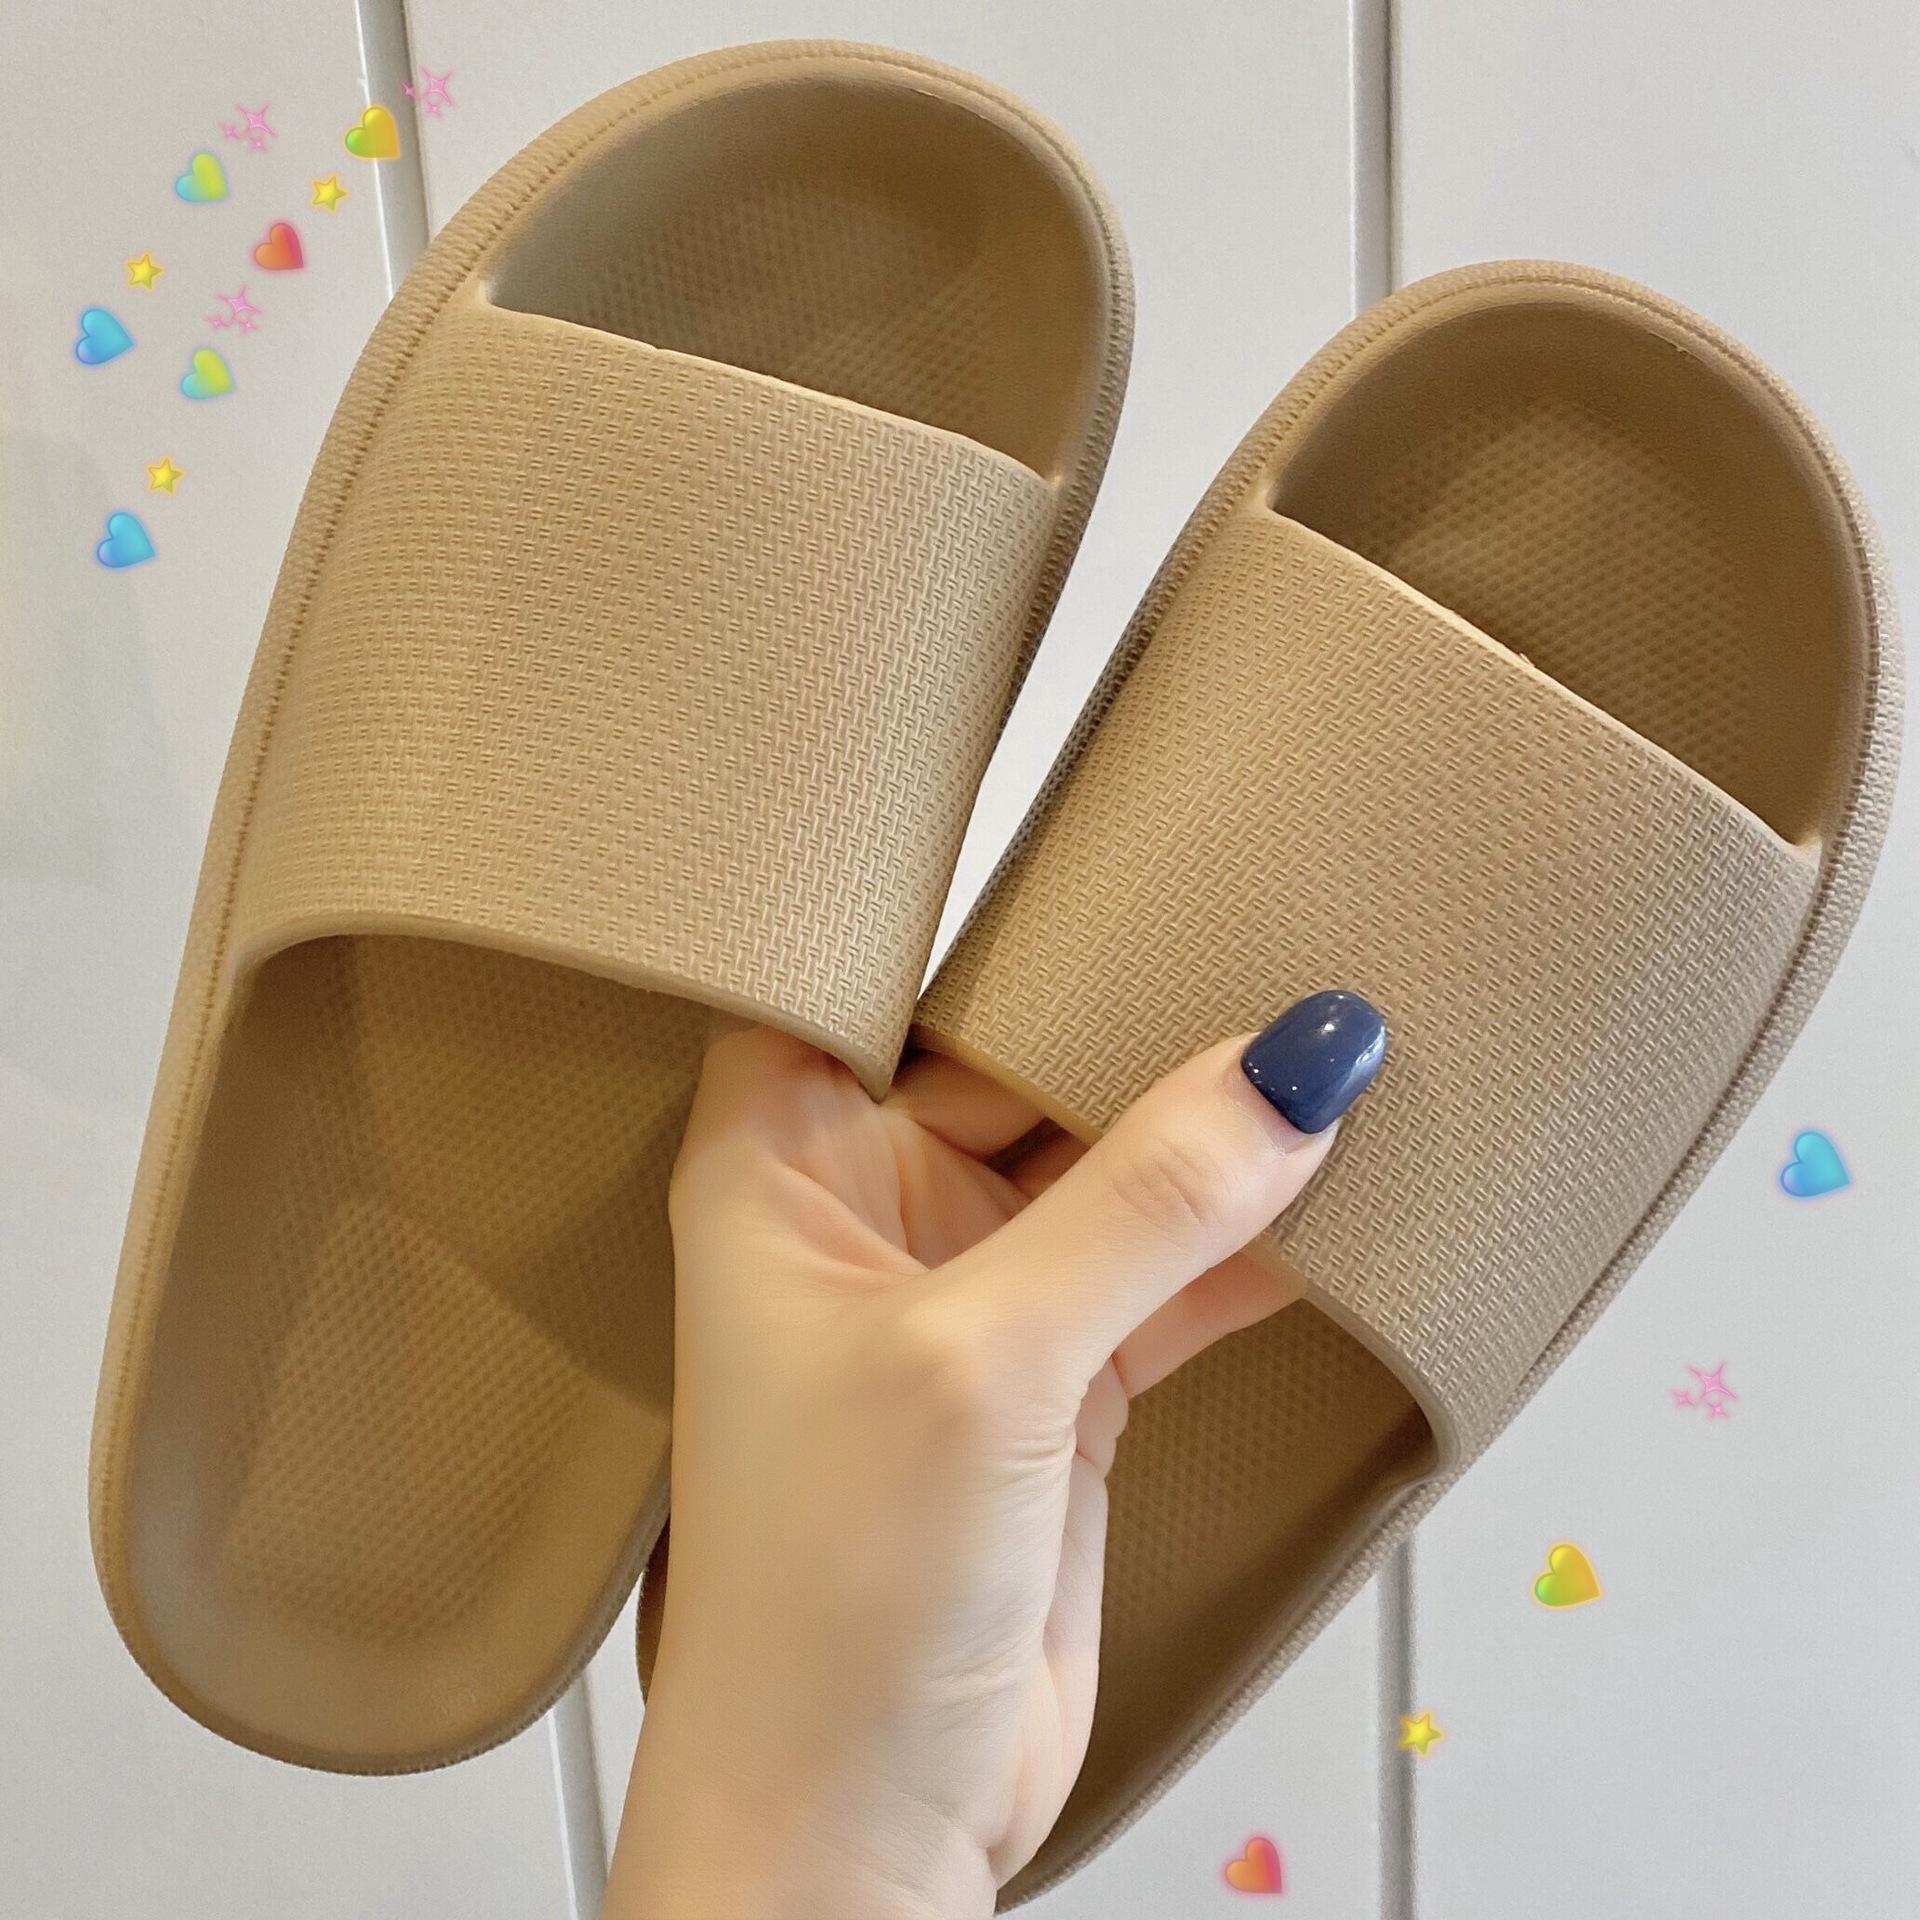 2020 лето новой женский дом обуви Противоскользящего wearresistant флип-флоп случайных мод EVA твердого нижнего душ прохладной швабру